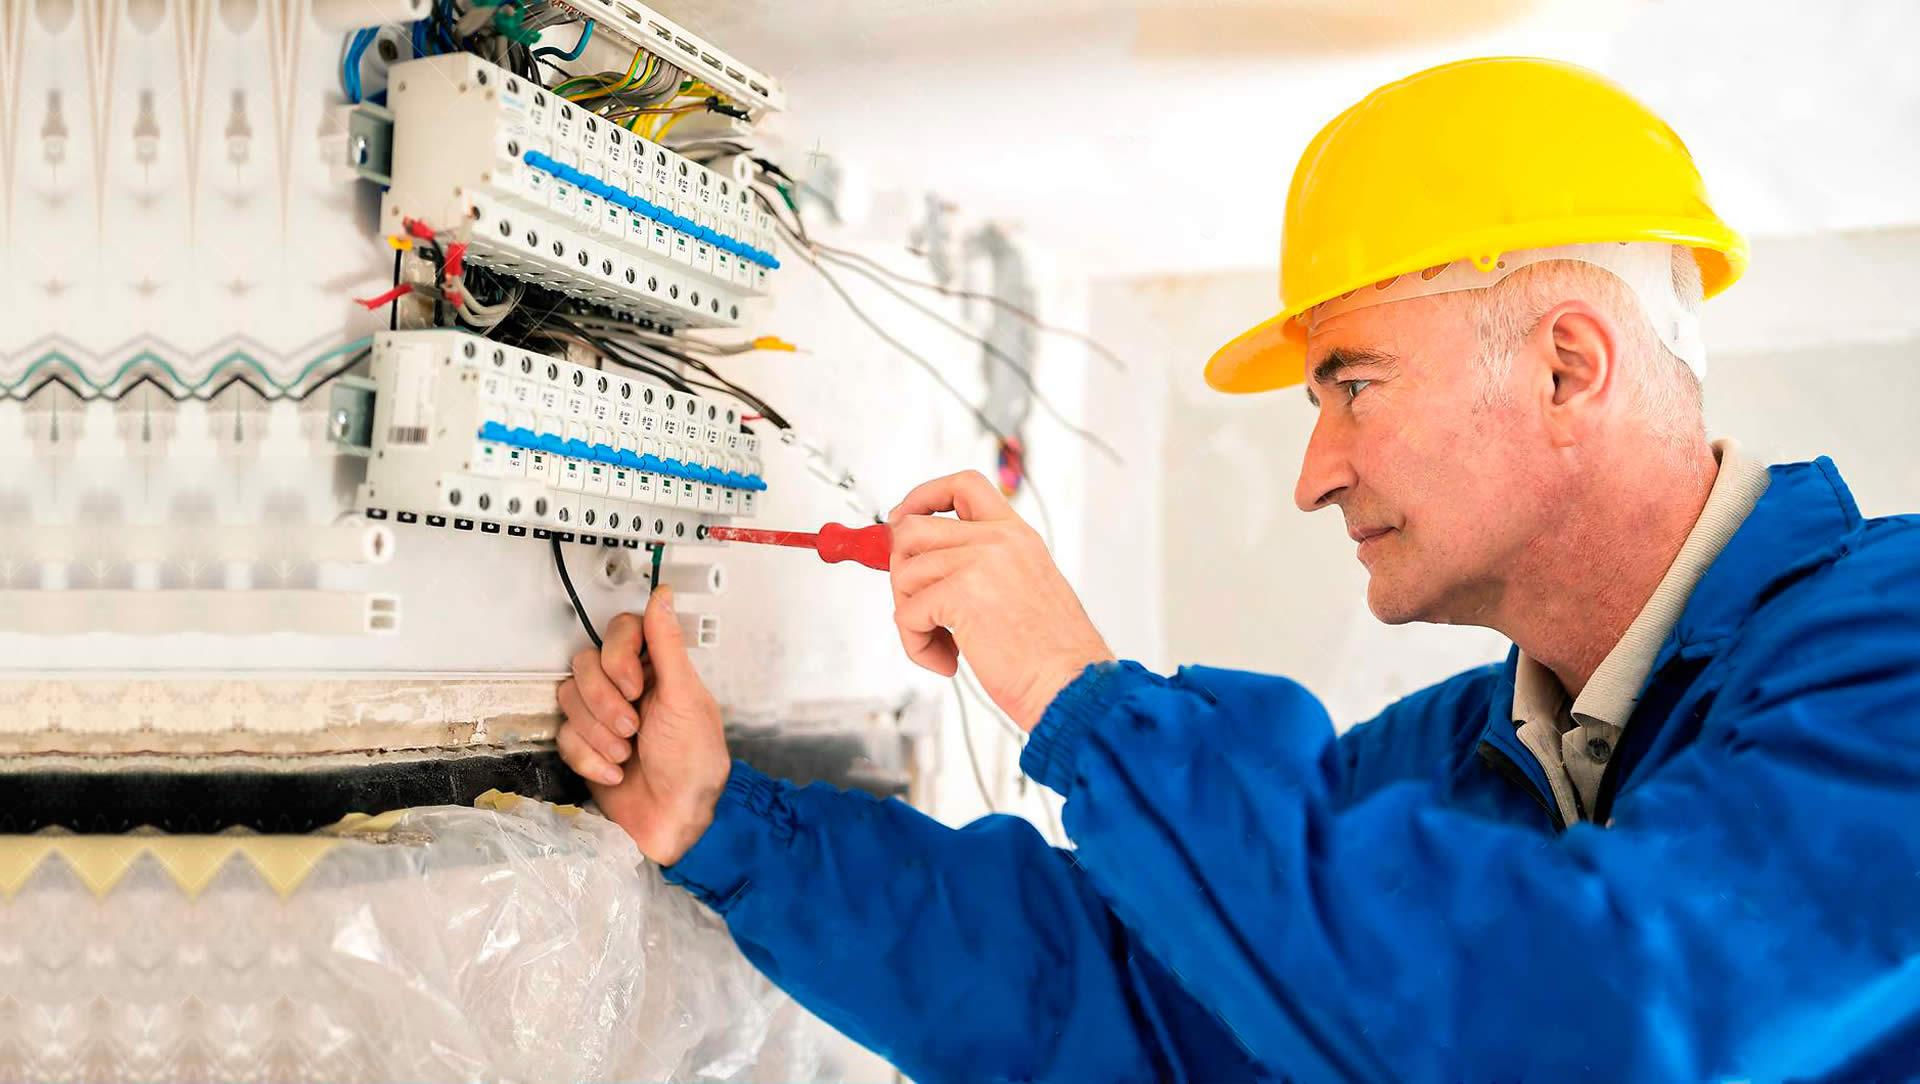 Imagem com um eletricista da RA Elétrica fazendo reparos elétricos